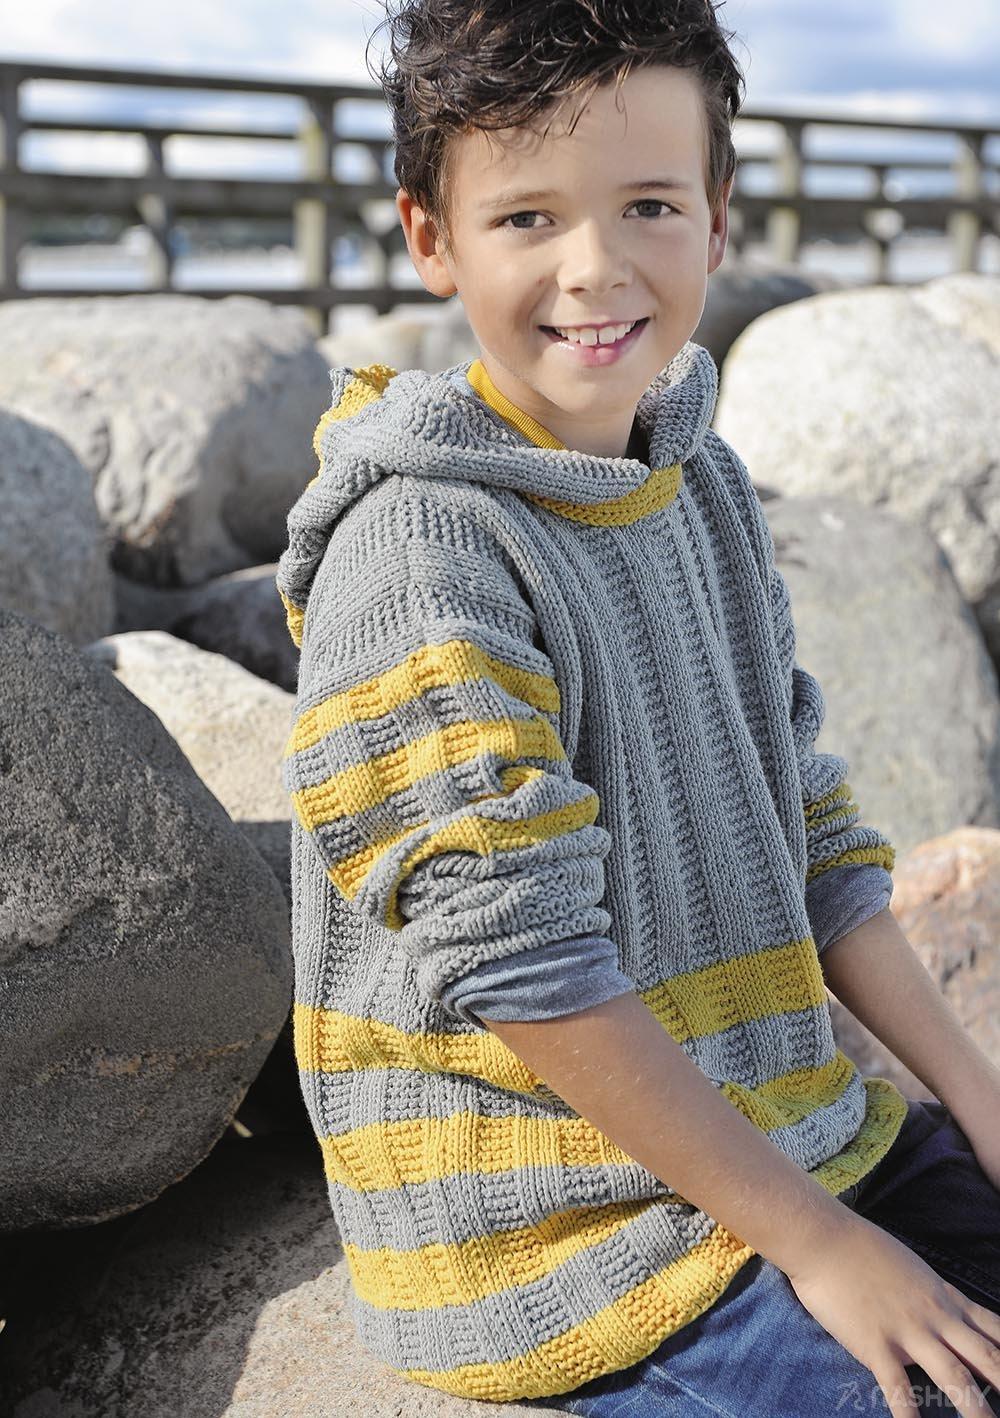 рельефный вязаный джемпер с капюшоном для мальчика